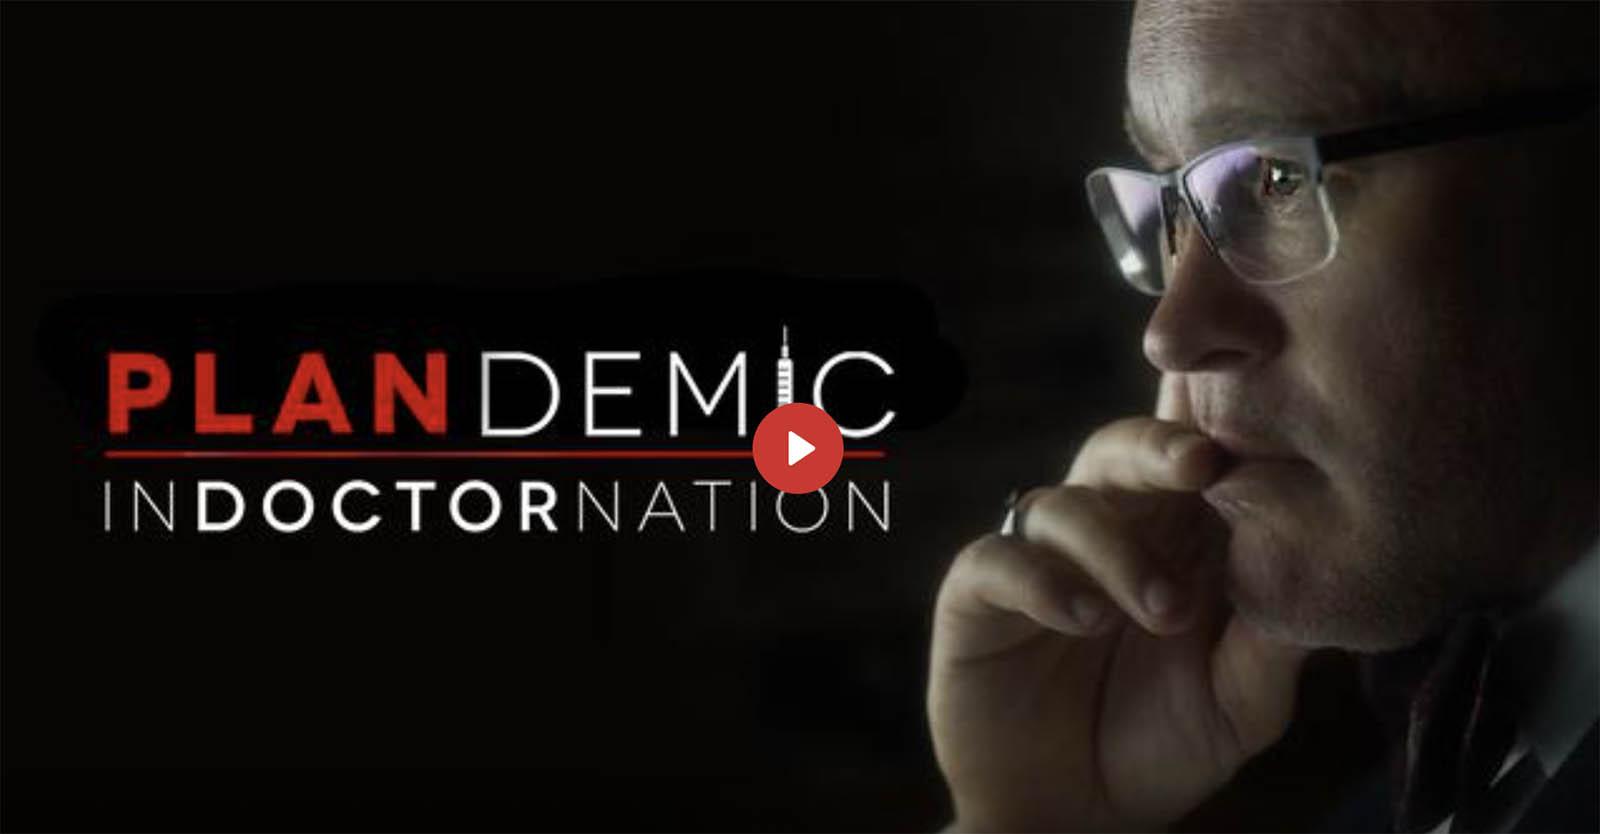 PLANDEMIC 2 | Indoctornation (links to the movie with subtitles in DE, FR, IT, ES, PT, EN)